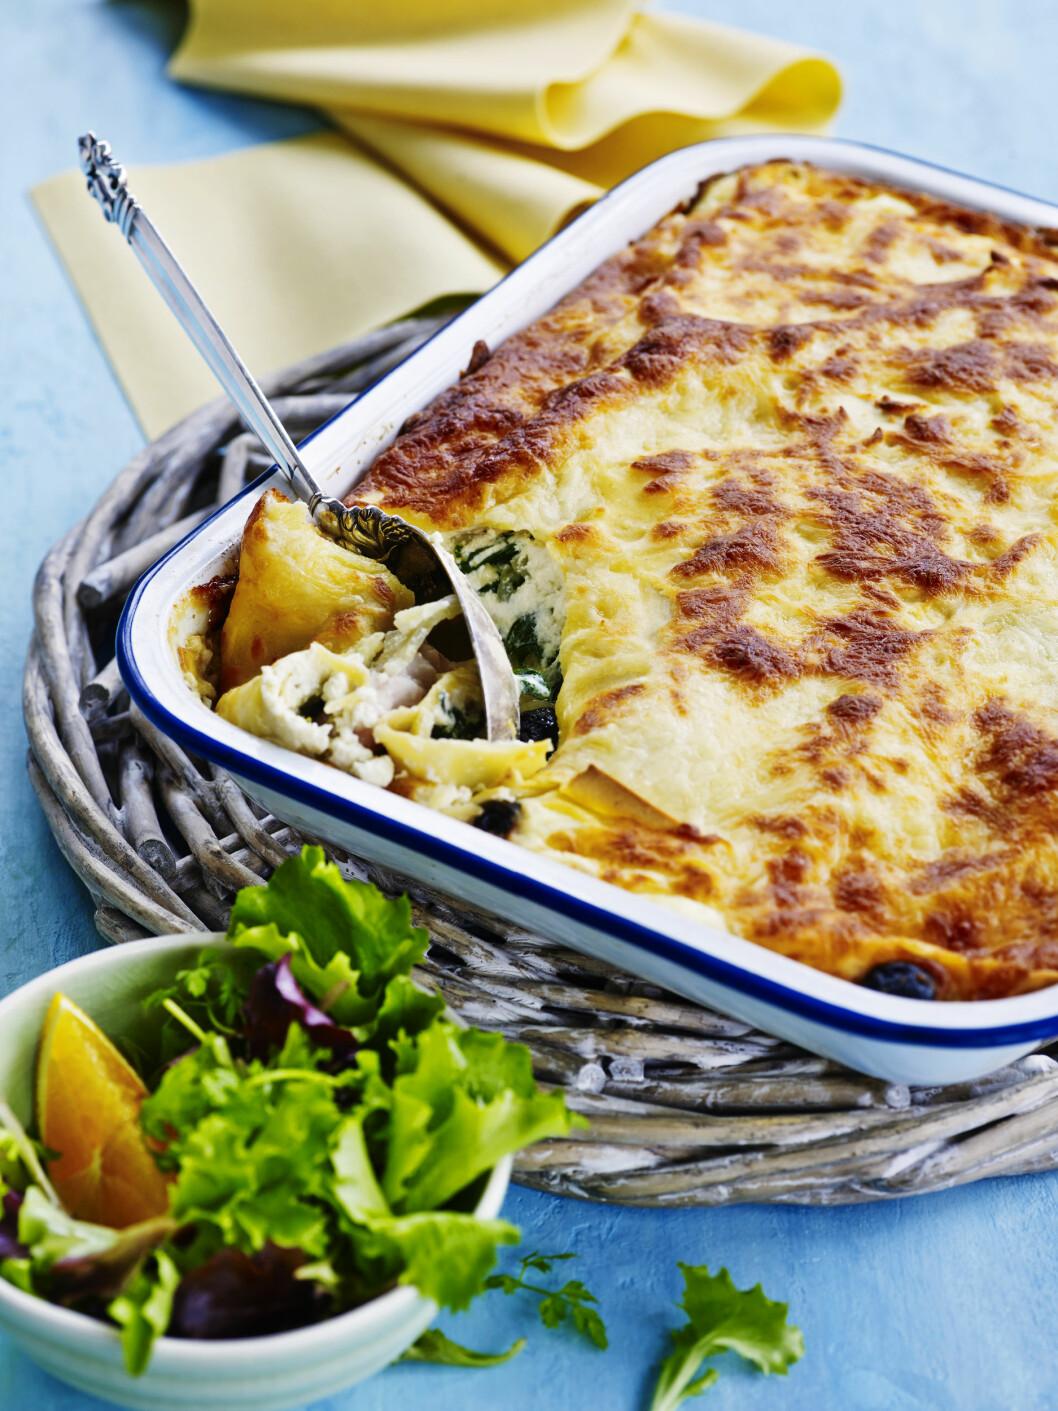 <strong>RICOTTA:</strong> Ricotta er en populær italiensk ferskost. Som andre ferskoster (cottage cheese o.l.) er den kornet og formløs. Brukes i ulike pastaretter som lasagne og ravioli. Foto: All Over Press